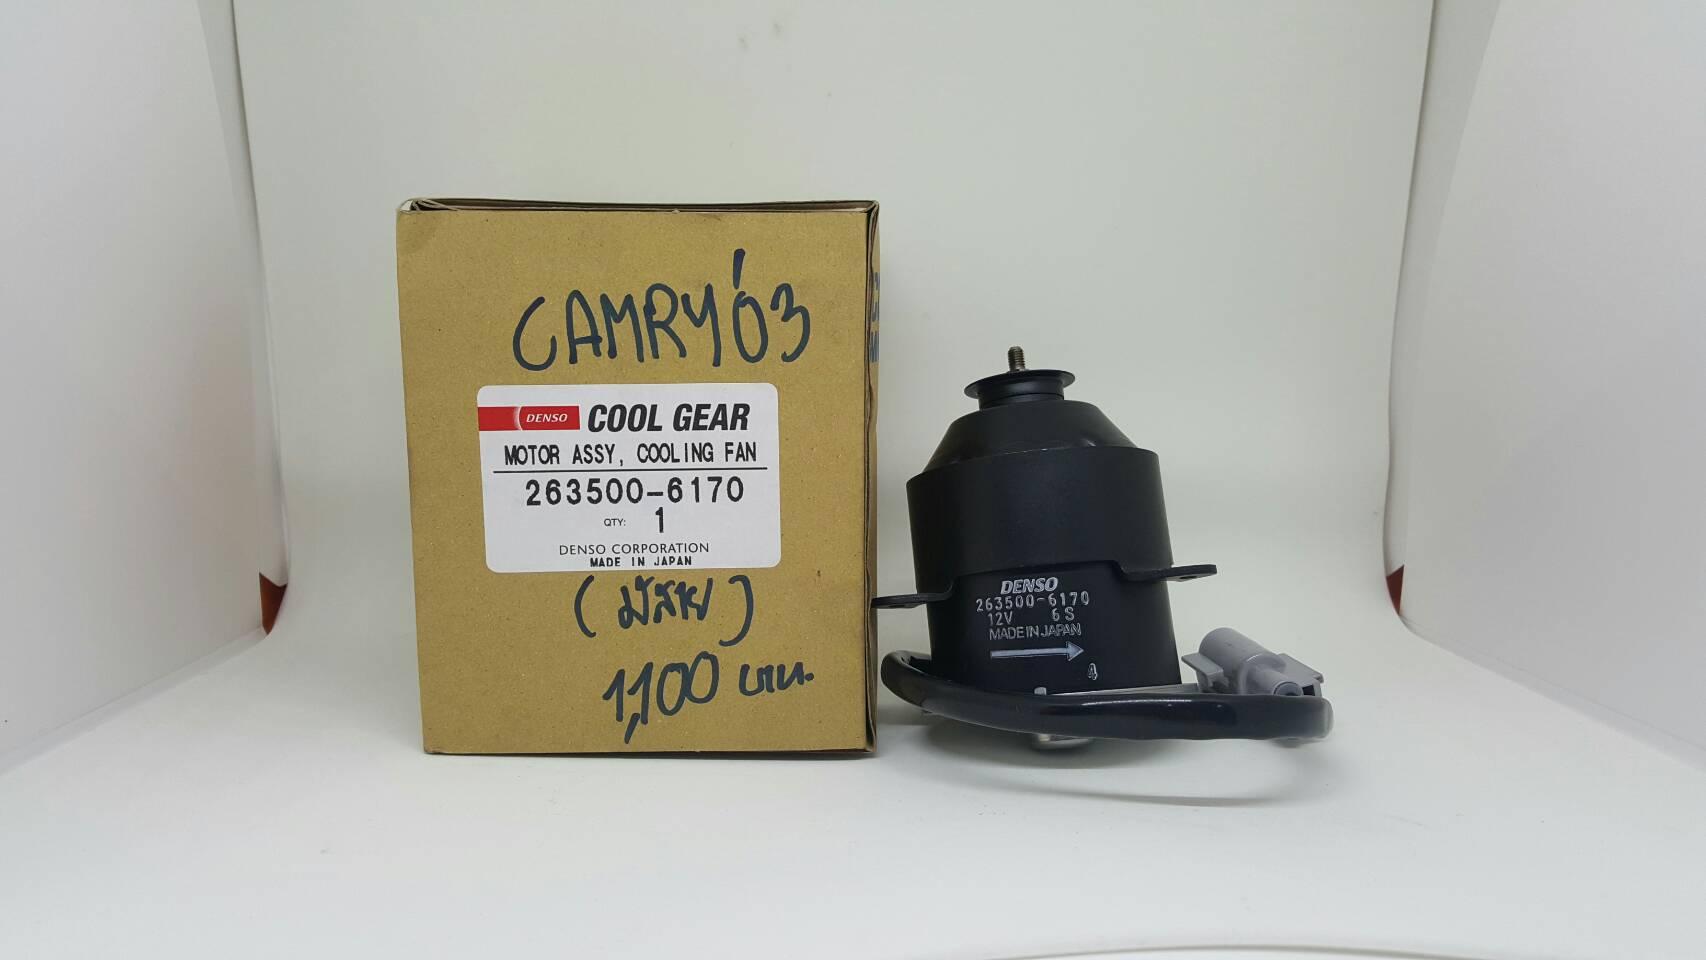 มอเตอร์พัดลม DENSO  CAMRY ปี 03 (มีสาย)